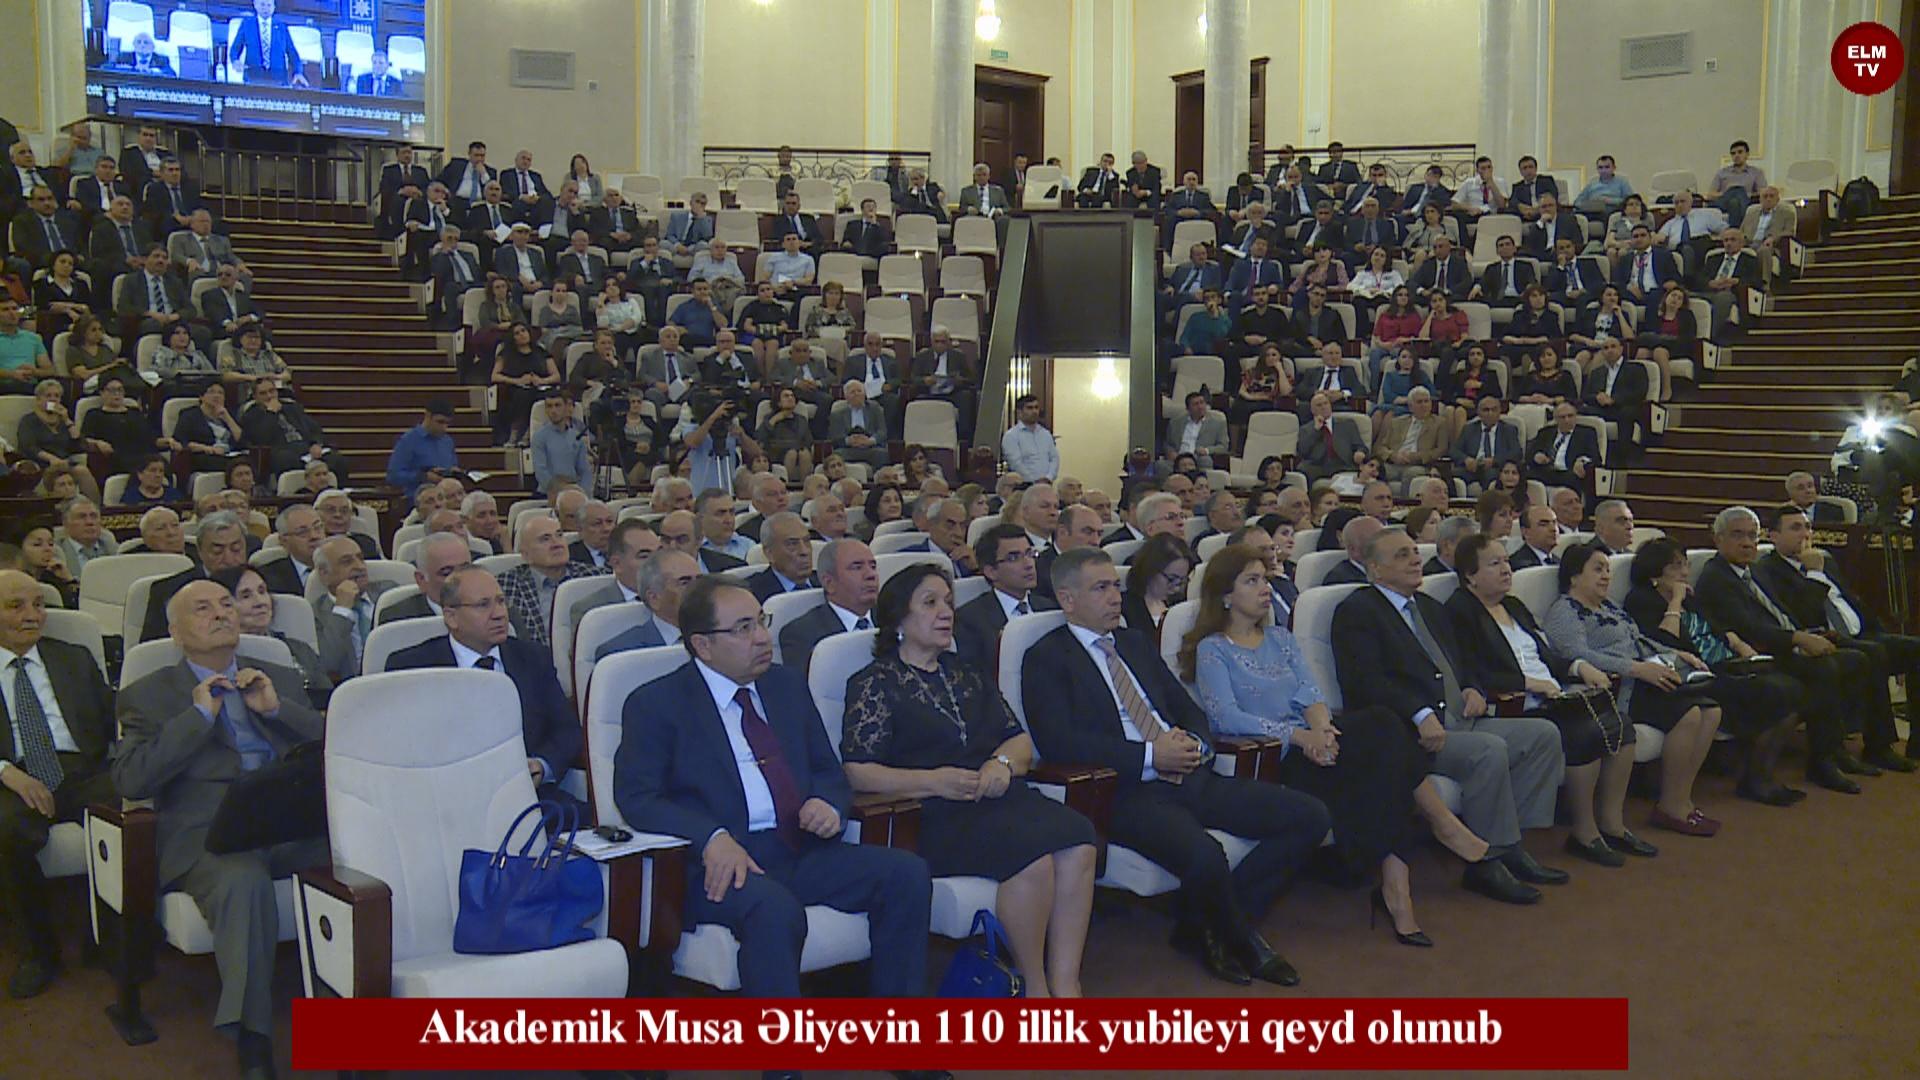 Akademik Musa Əliyevin 110 illik yubileyi qeyd olunub